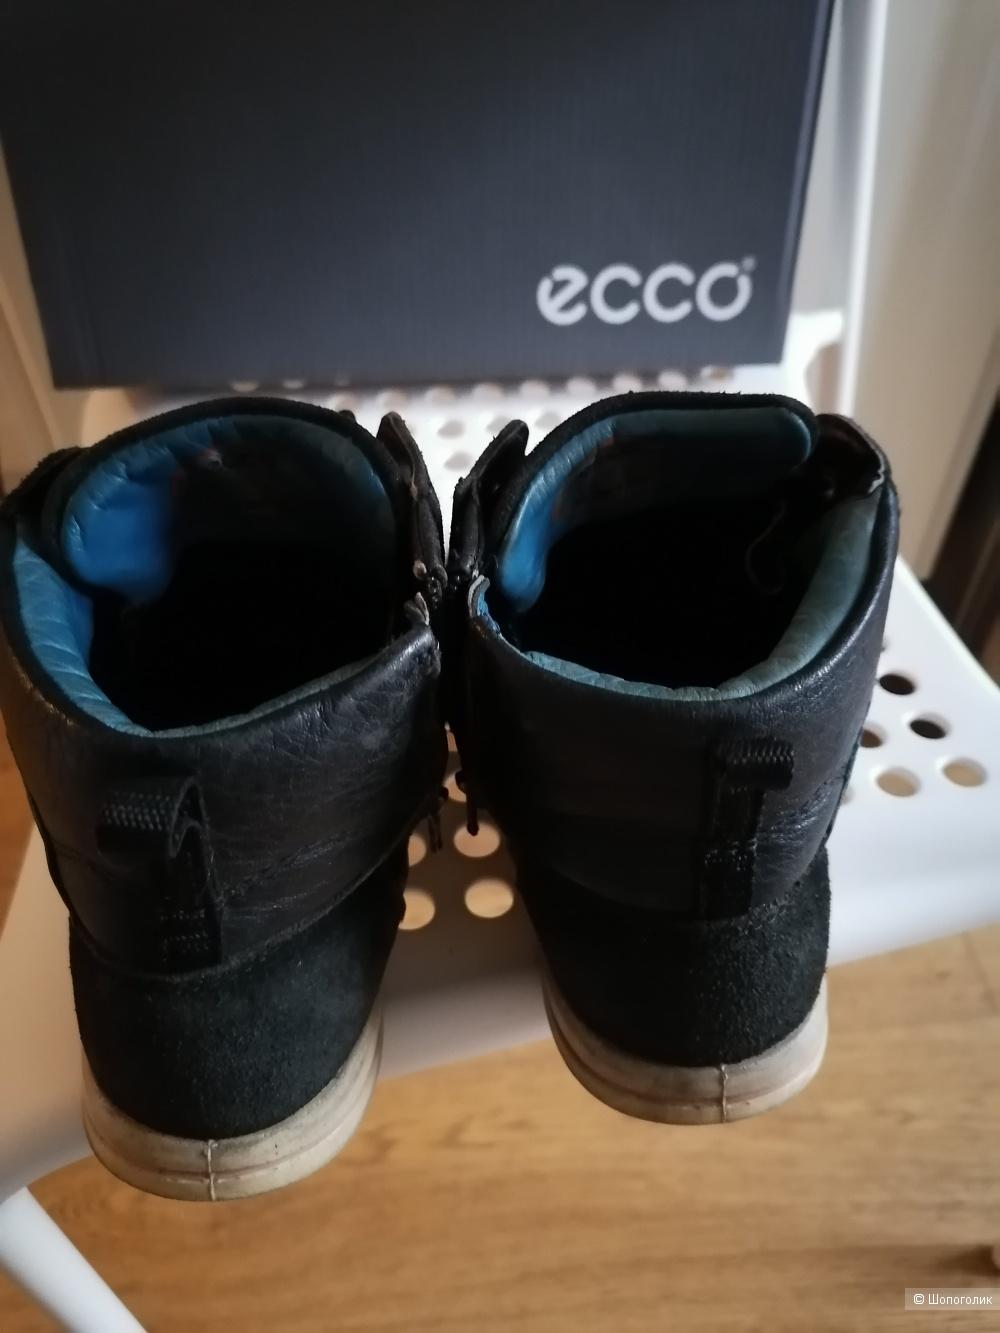 Кеды для мальчика экко, 35 размер